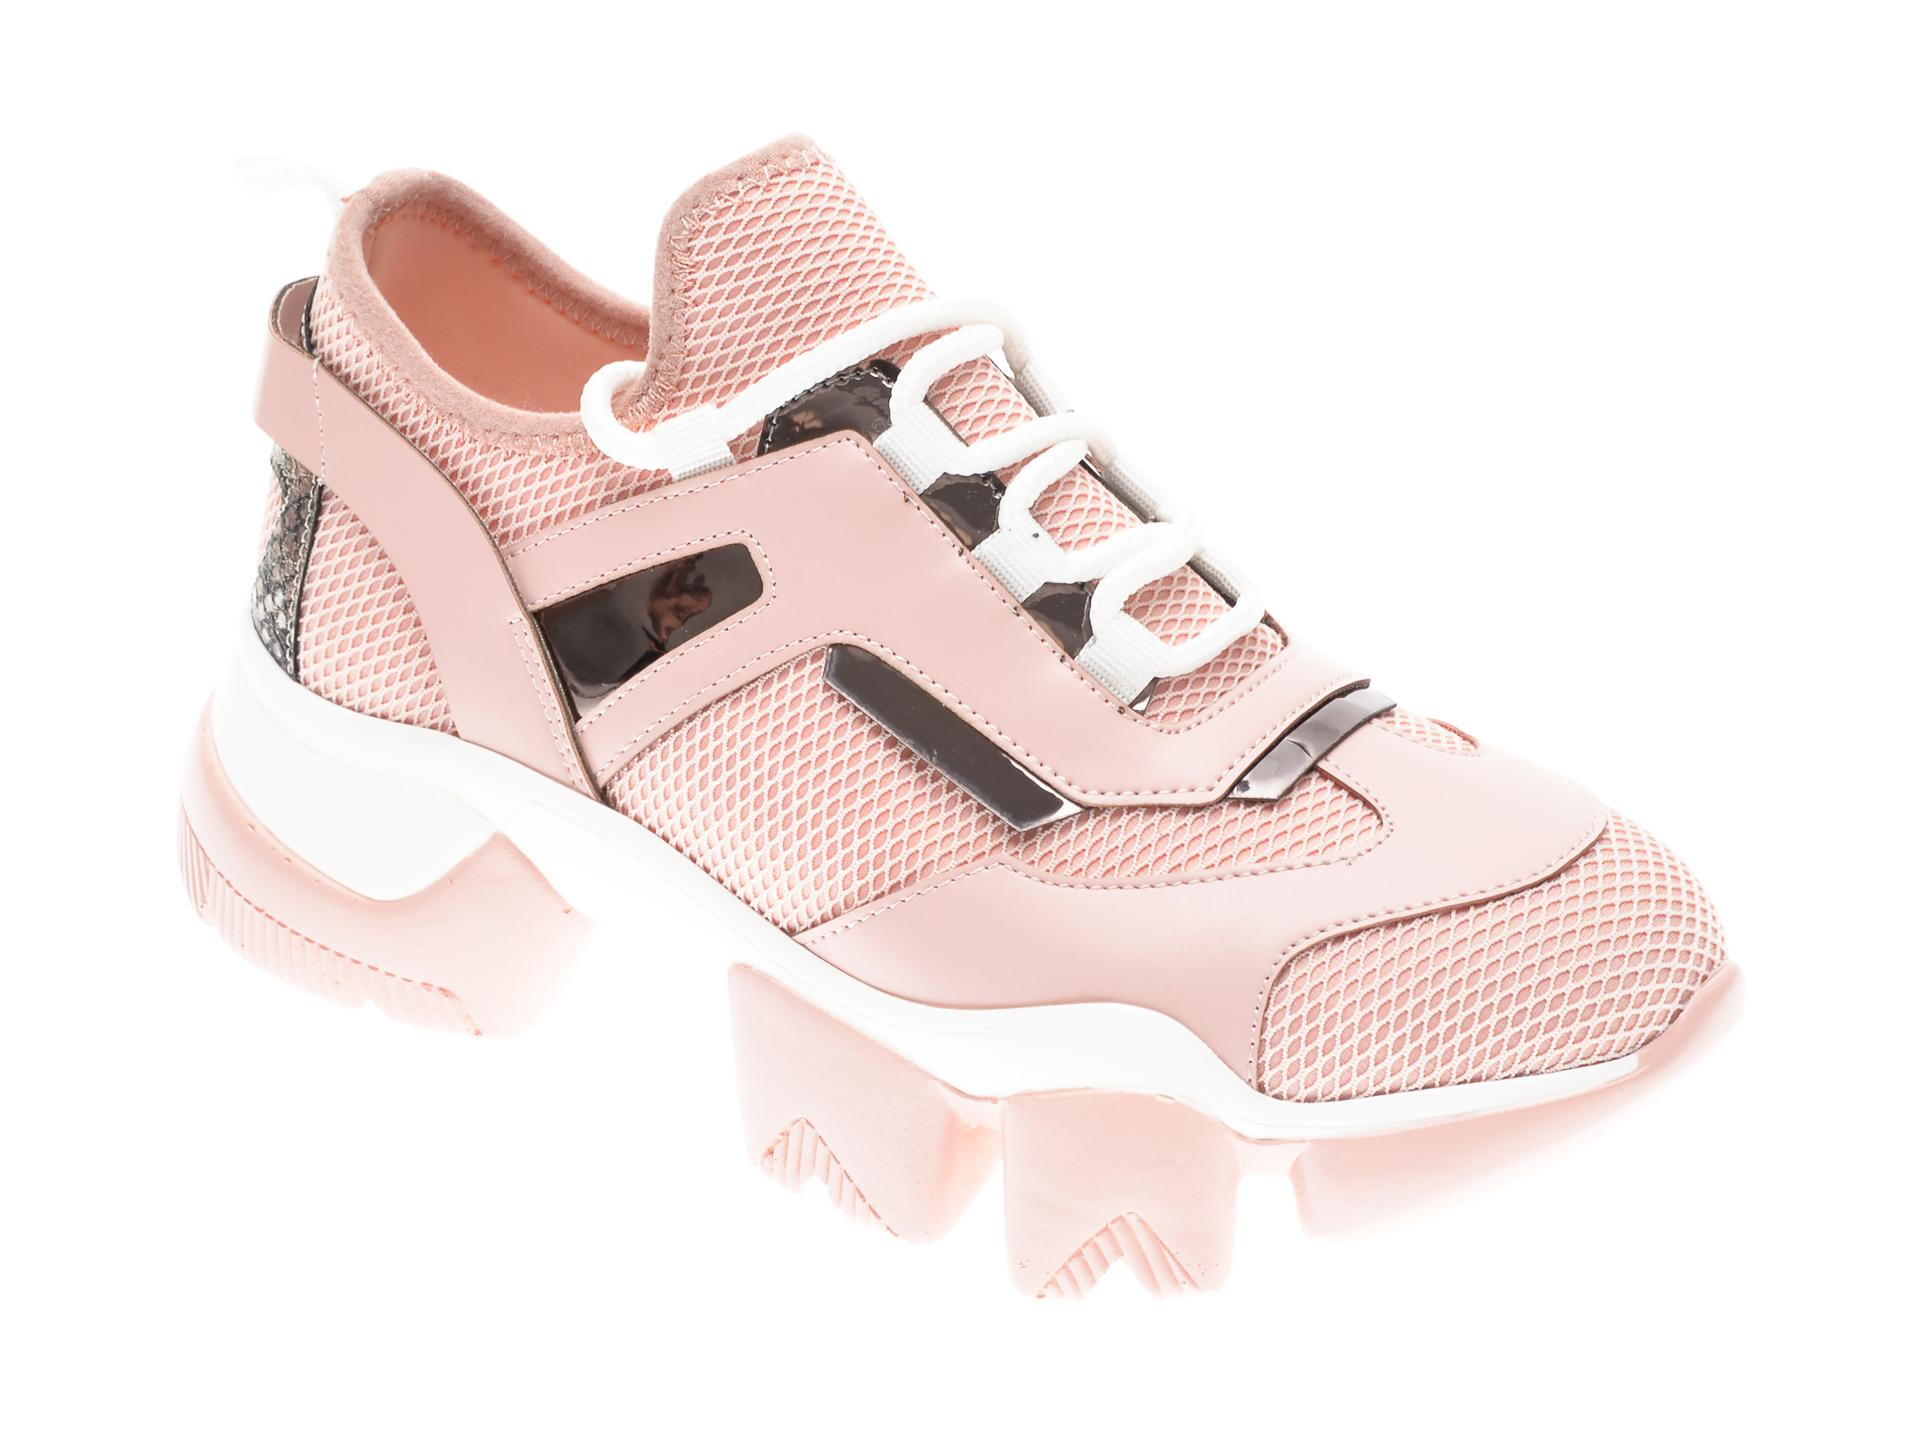 Pantofi sport GRYXX roz, MO9953, din piele ecologica New